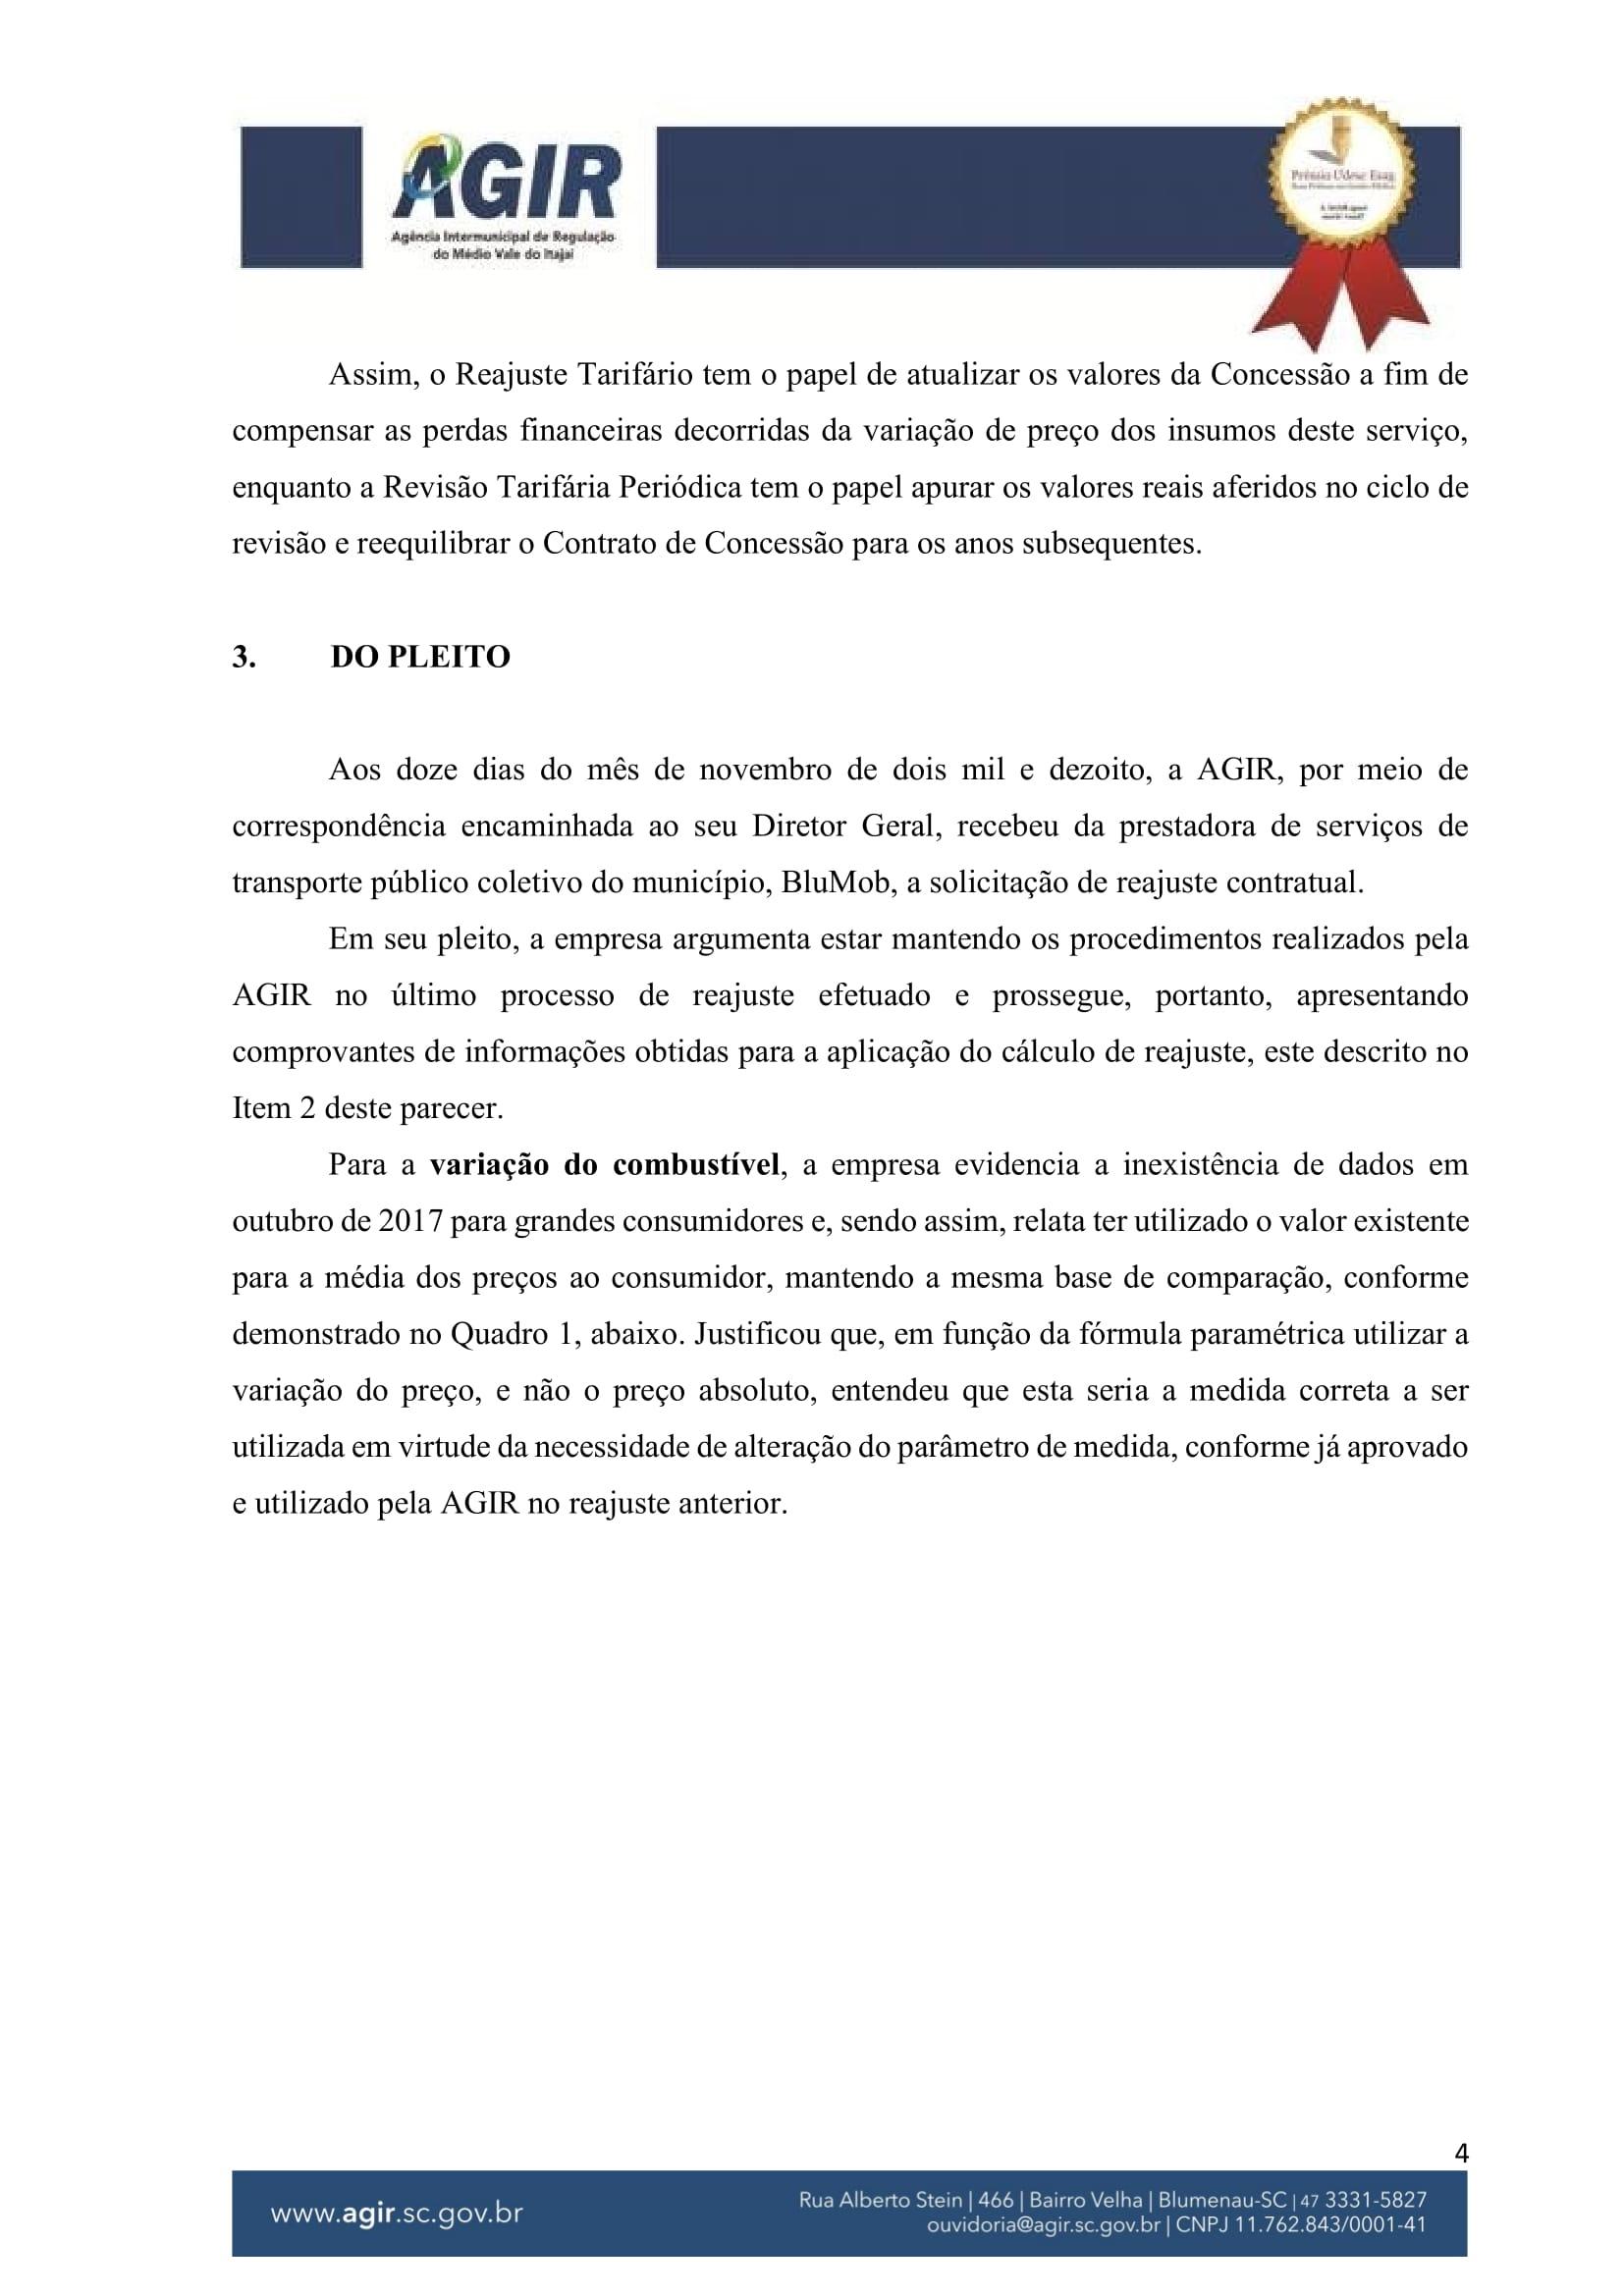 Parecer Administrativo nº 70-2018-04